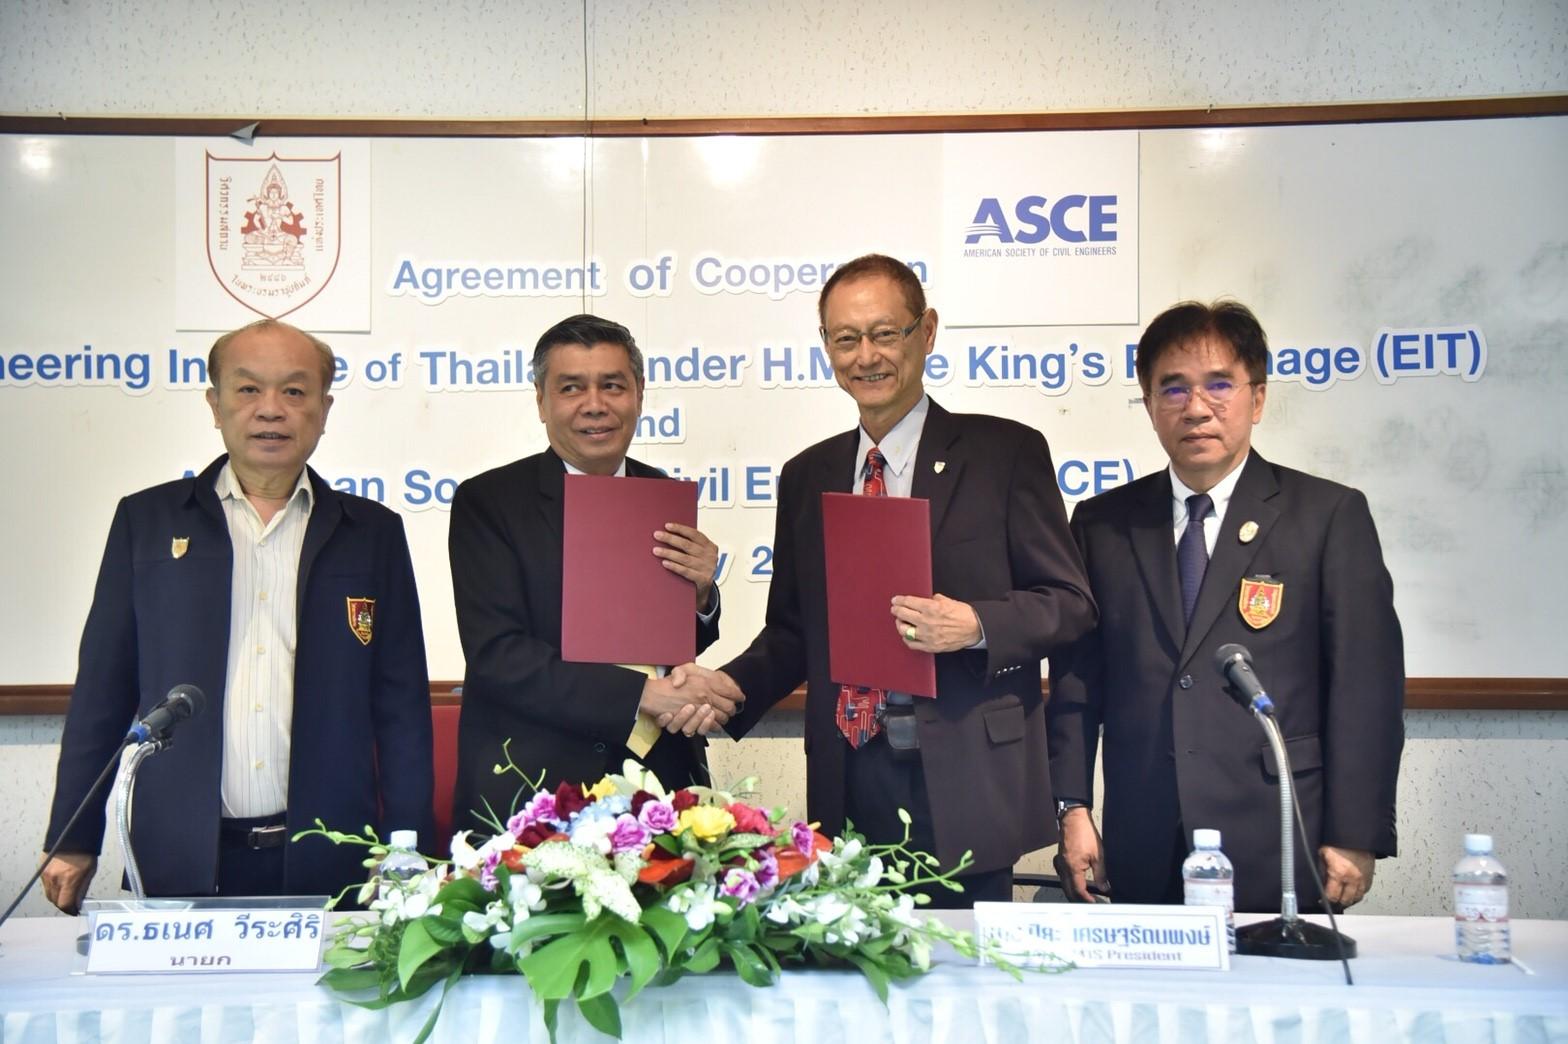 วิศวกรรรมสถานแห่งประเทศไทยฯได้จัดพิธีลงนามบันทึกข้อตกลงความร่วมมือด้านวิชาการ และวิชาชีพวิศวกรรม กับ American Society of Civil Engineers (ASCE)